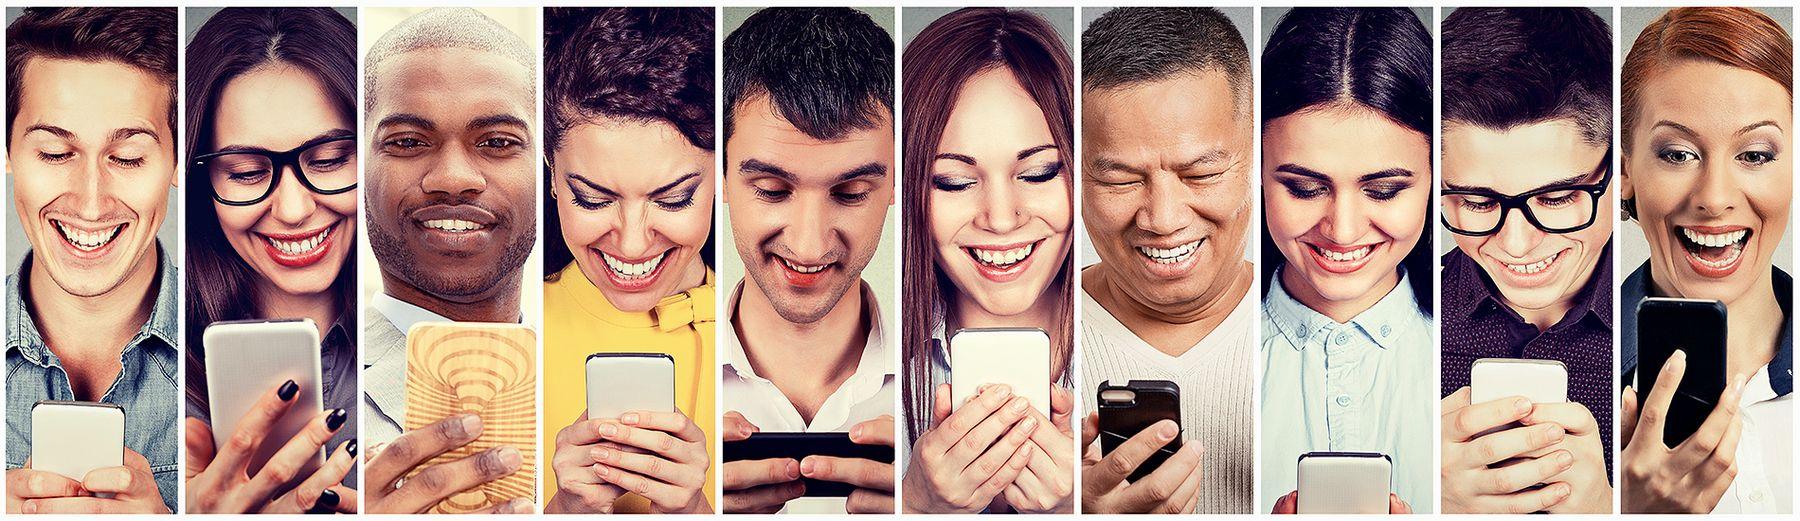 αναφορές καταναλωτών ιστοσελίδες γνωριμιών